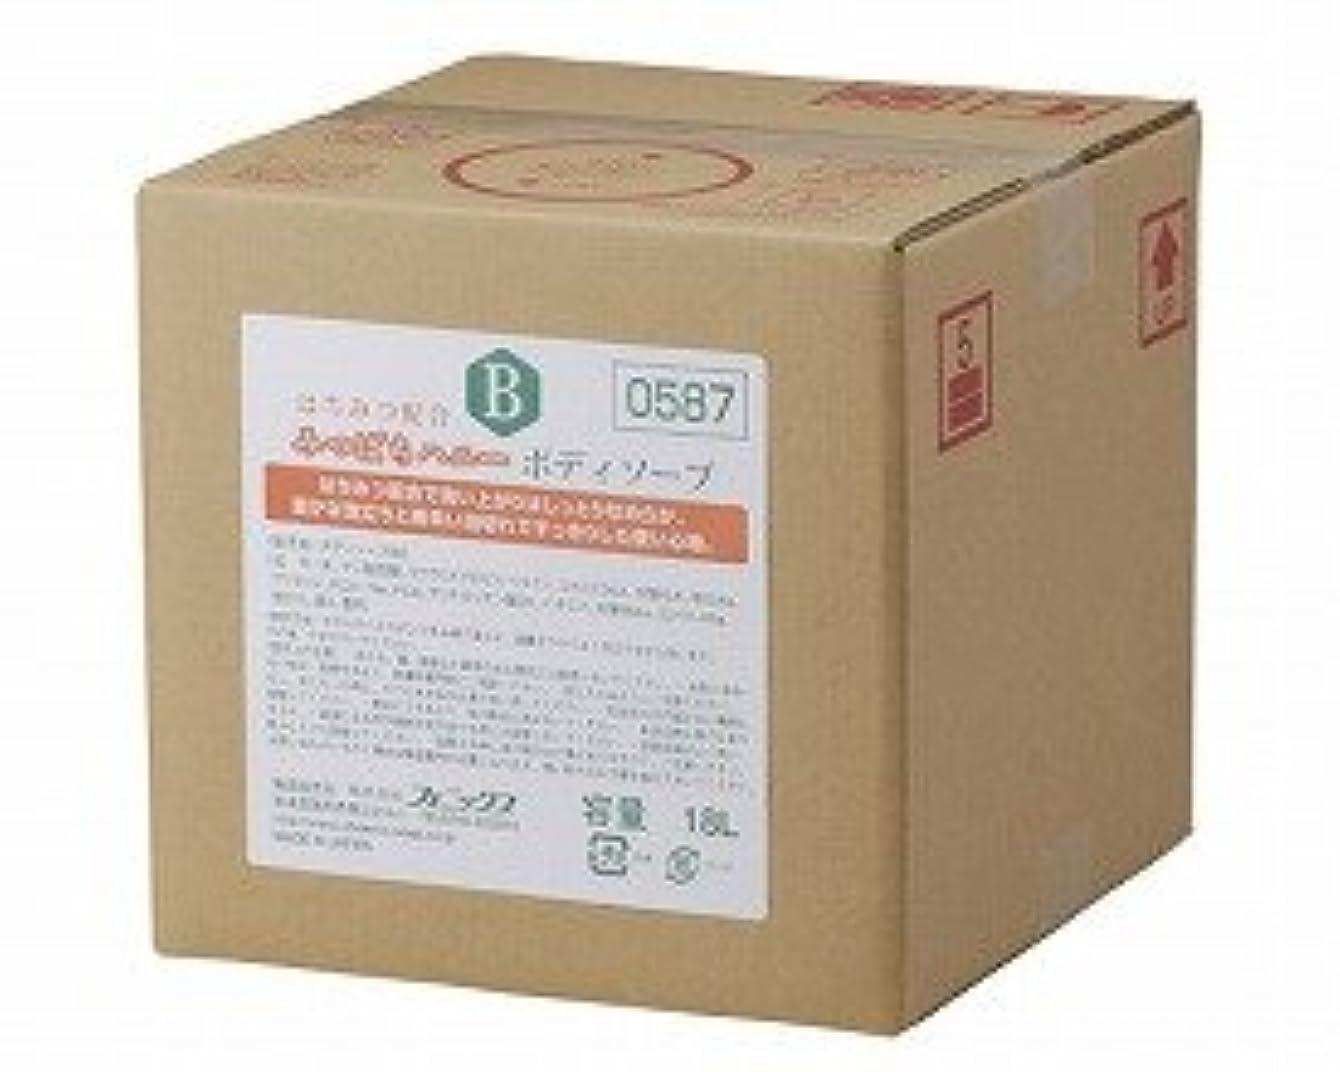 麺長方形挑むみつばちハニー ボディソープ/ 00090587 18L